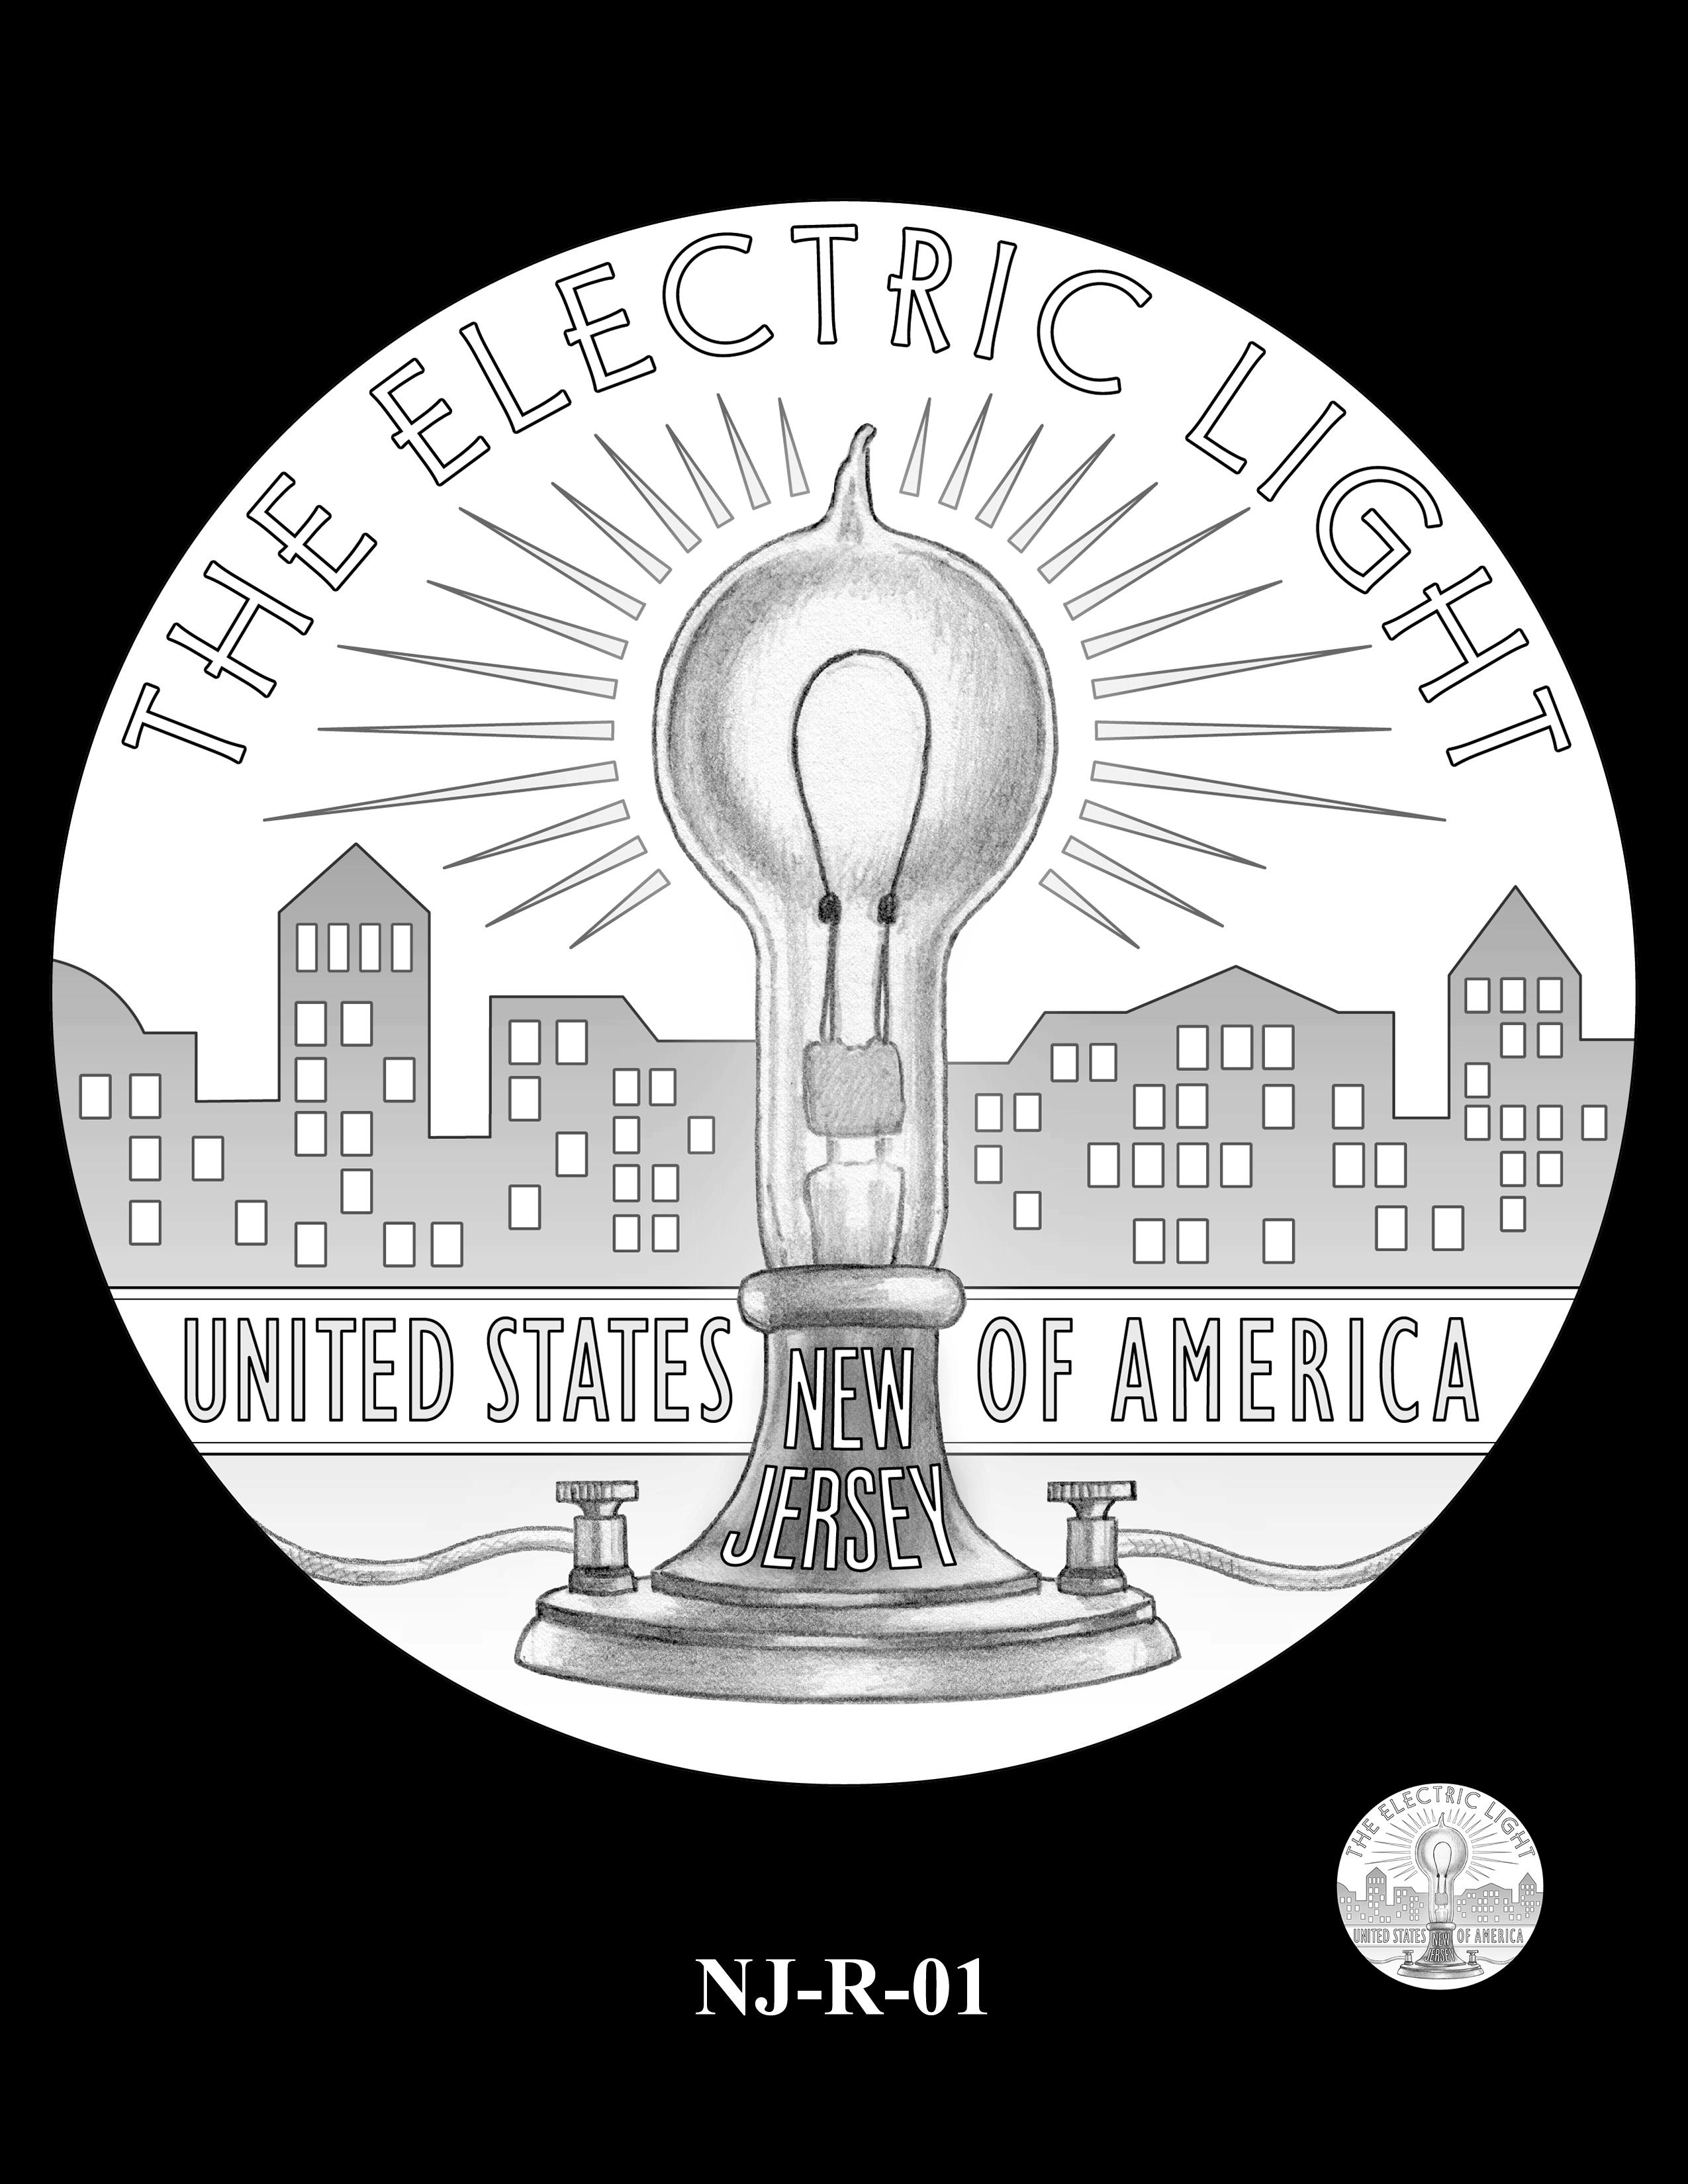 NJ-R-01 -- 2019 American Innovation $1 Coin Program